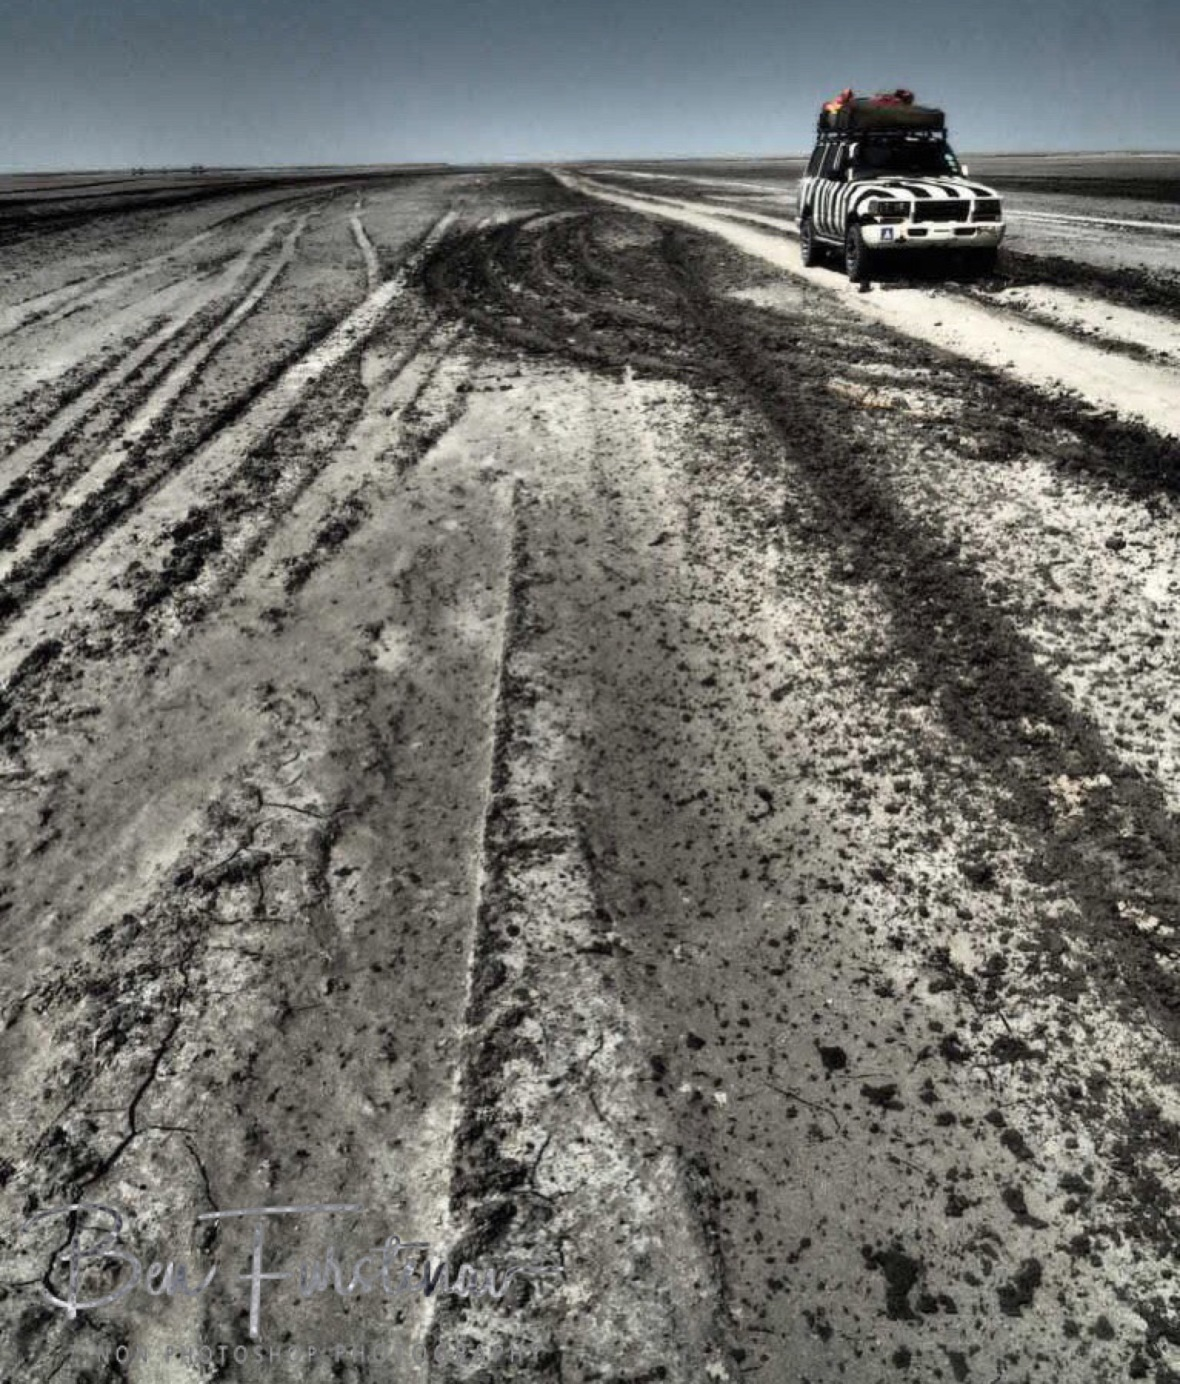 Zimba's mud bath, Makgadikgadi Salt Pans, Botswana